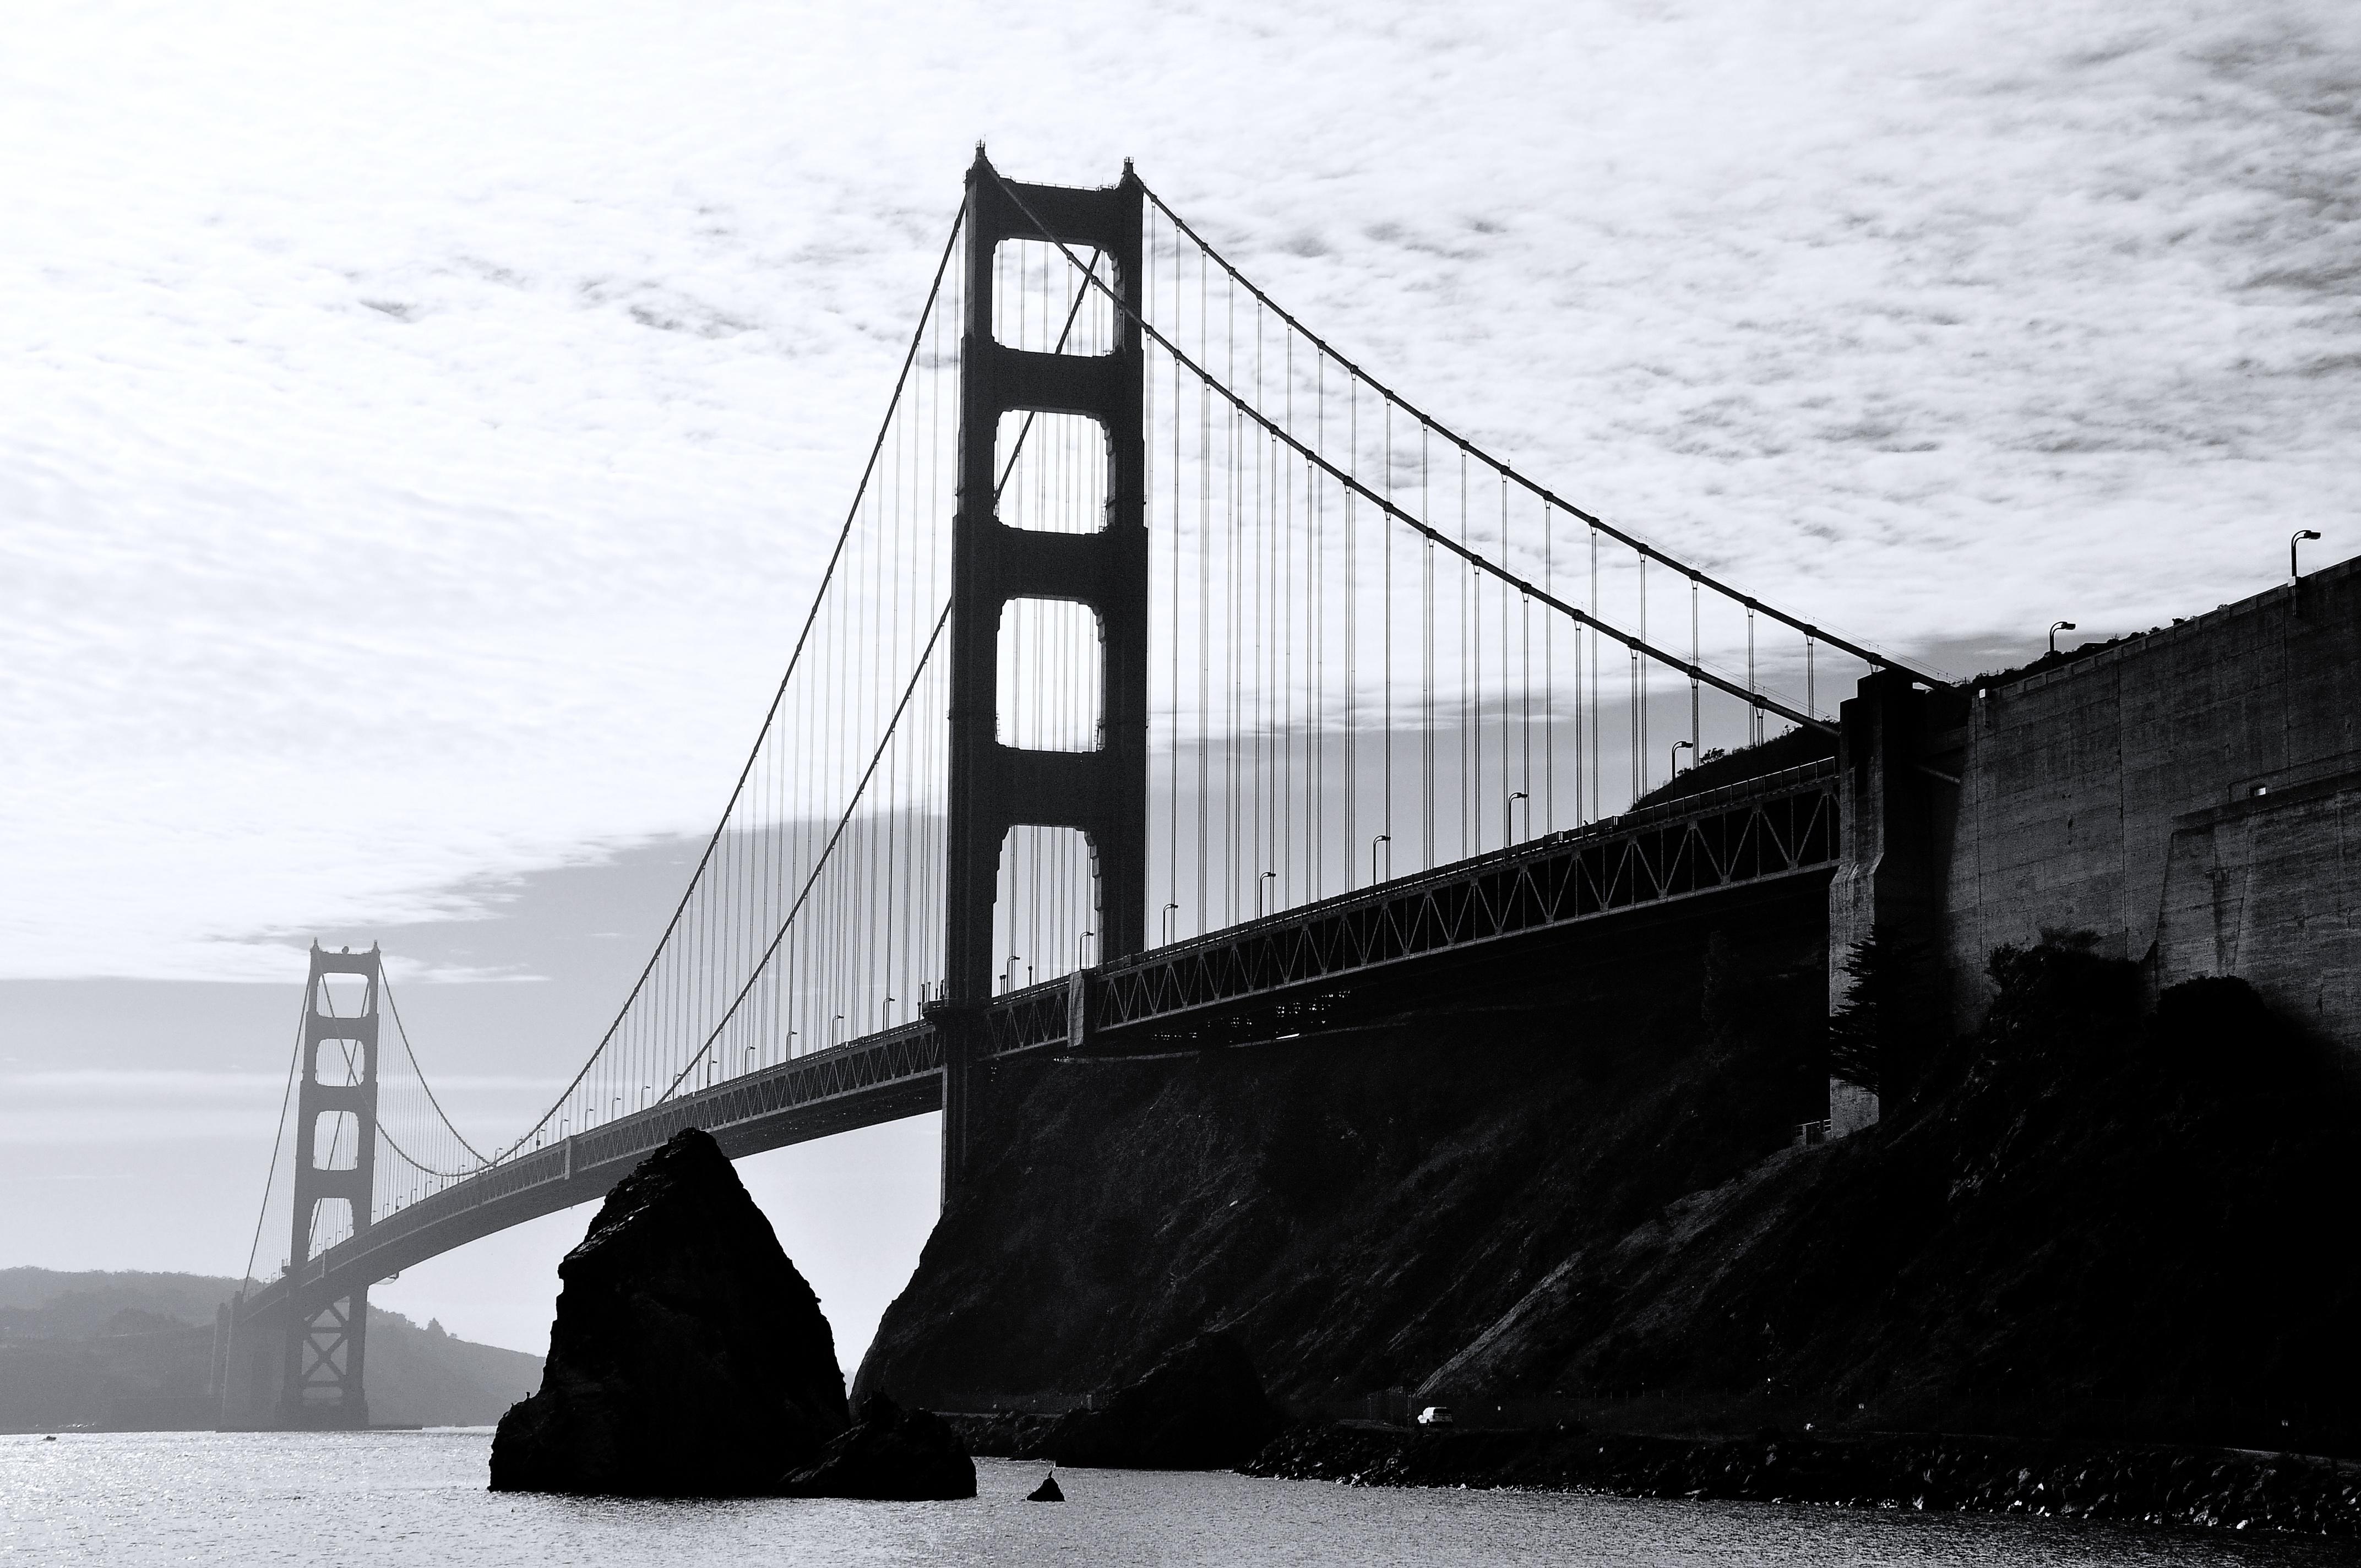 дизайнах обоев фотографии мостов черно белые высокого разрешения один главный